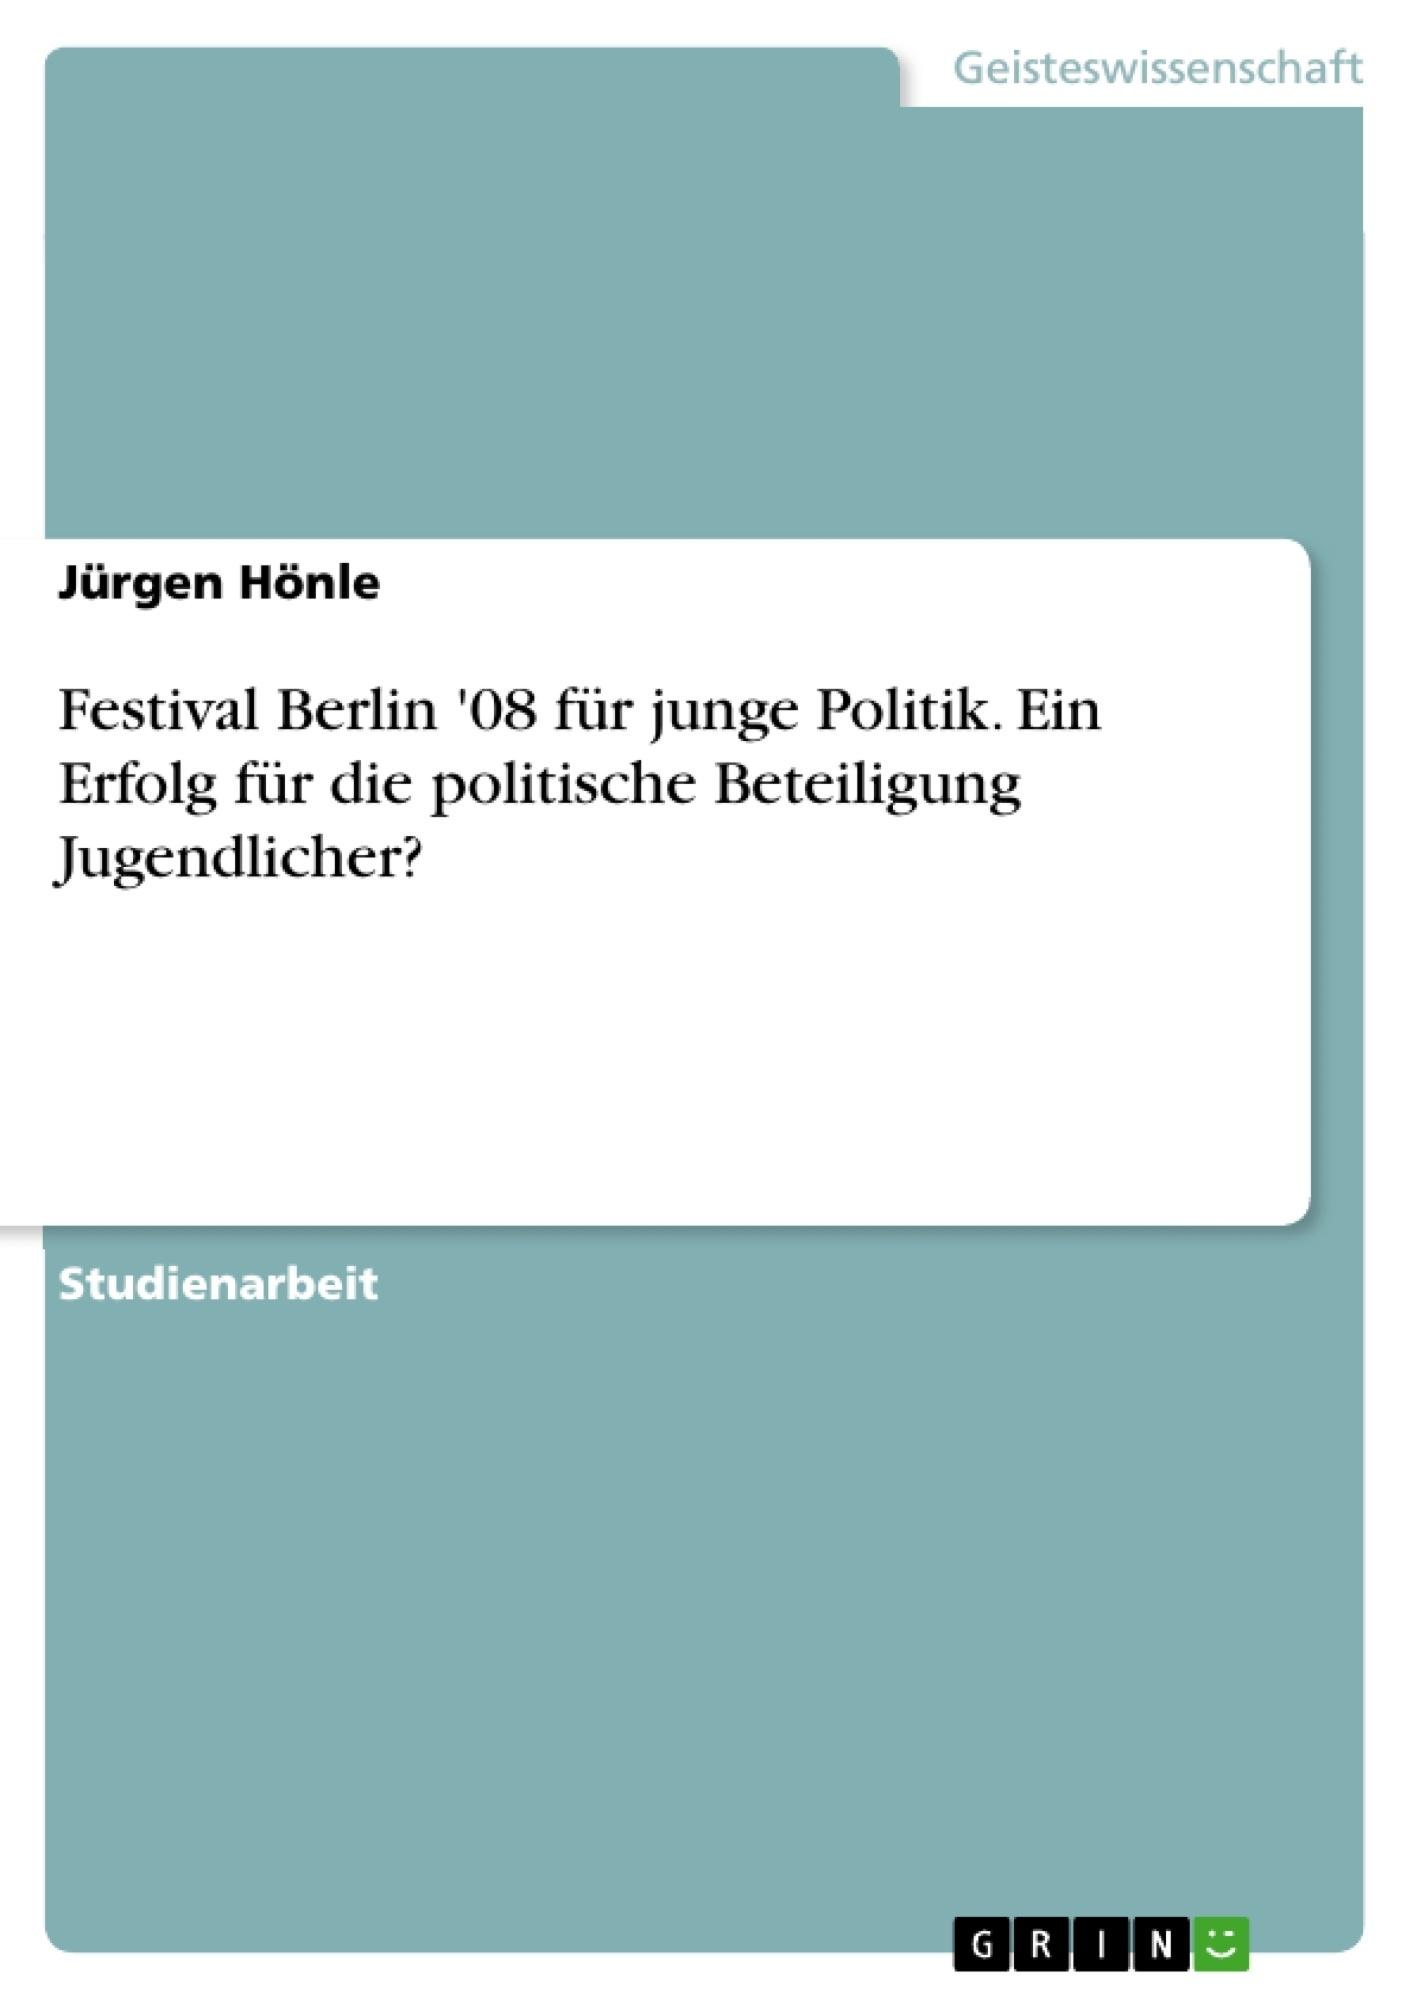 Titel: Festival Berlin '08 für junge Politik. Ein Erfolg für die politische Beteiligung Jugendlicher?